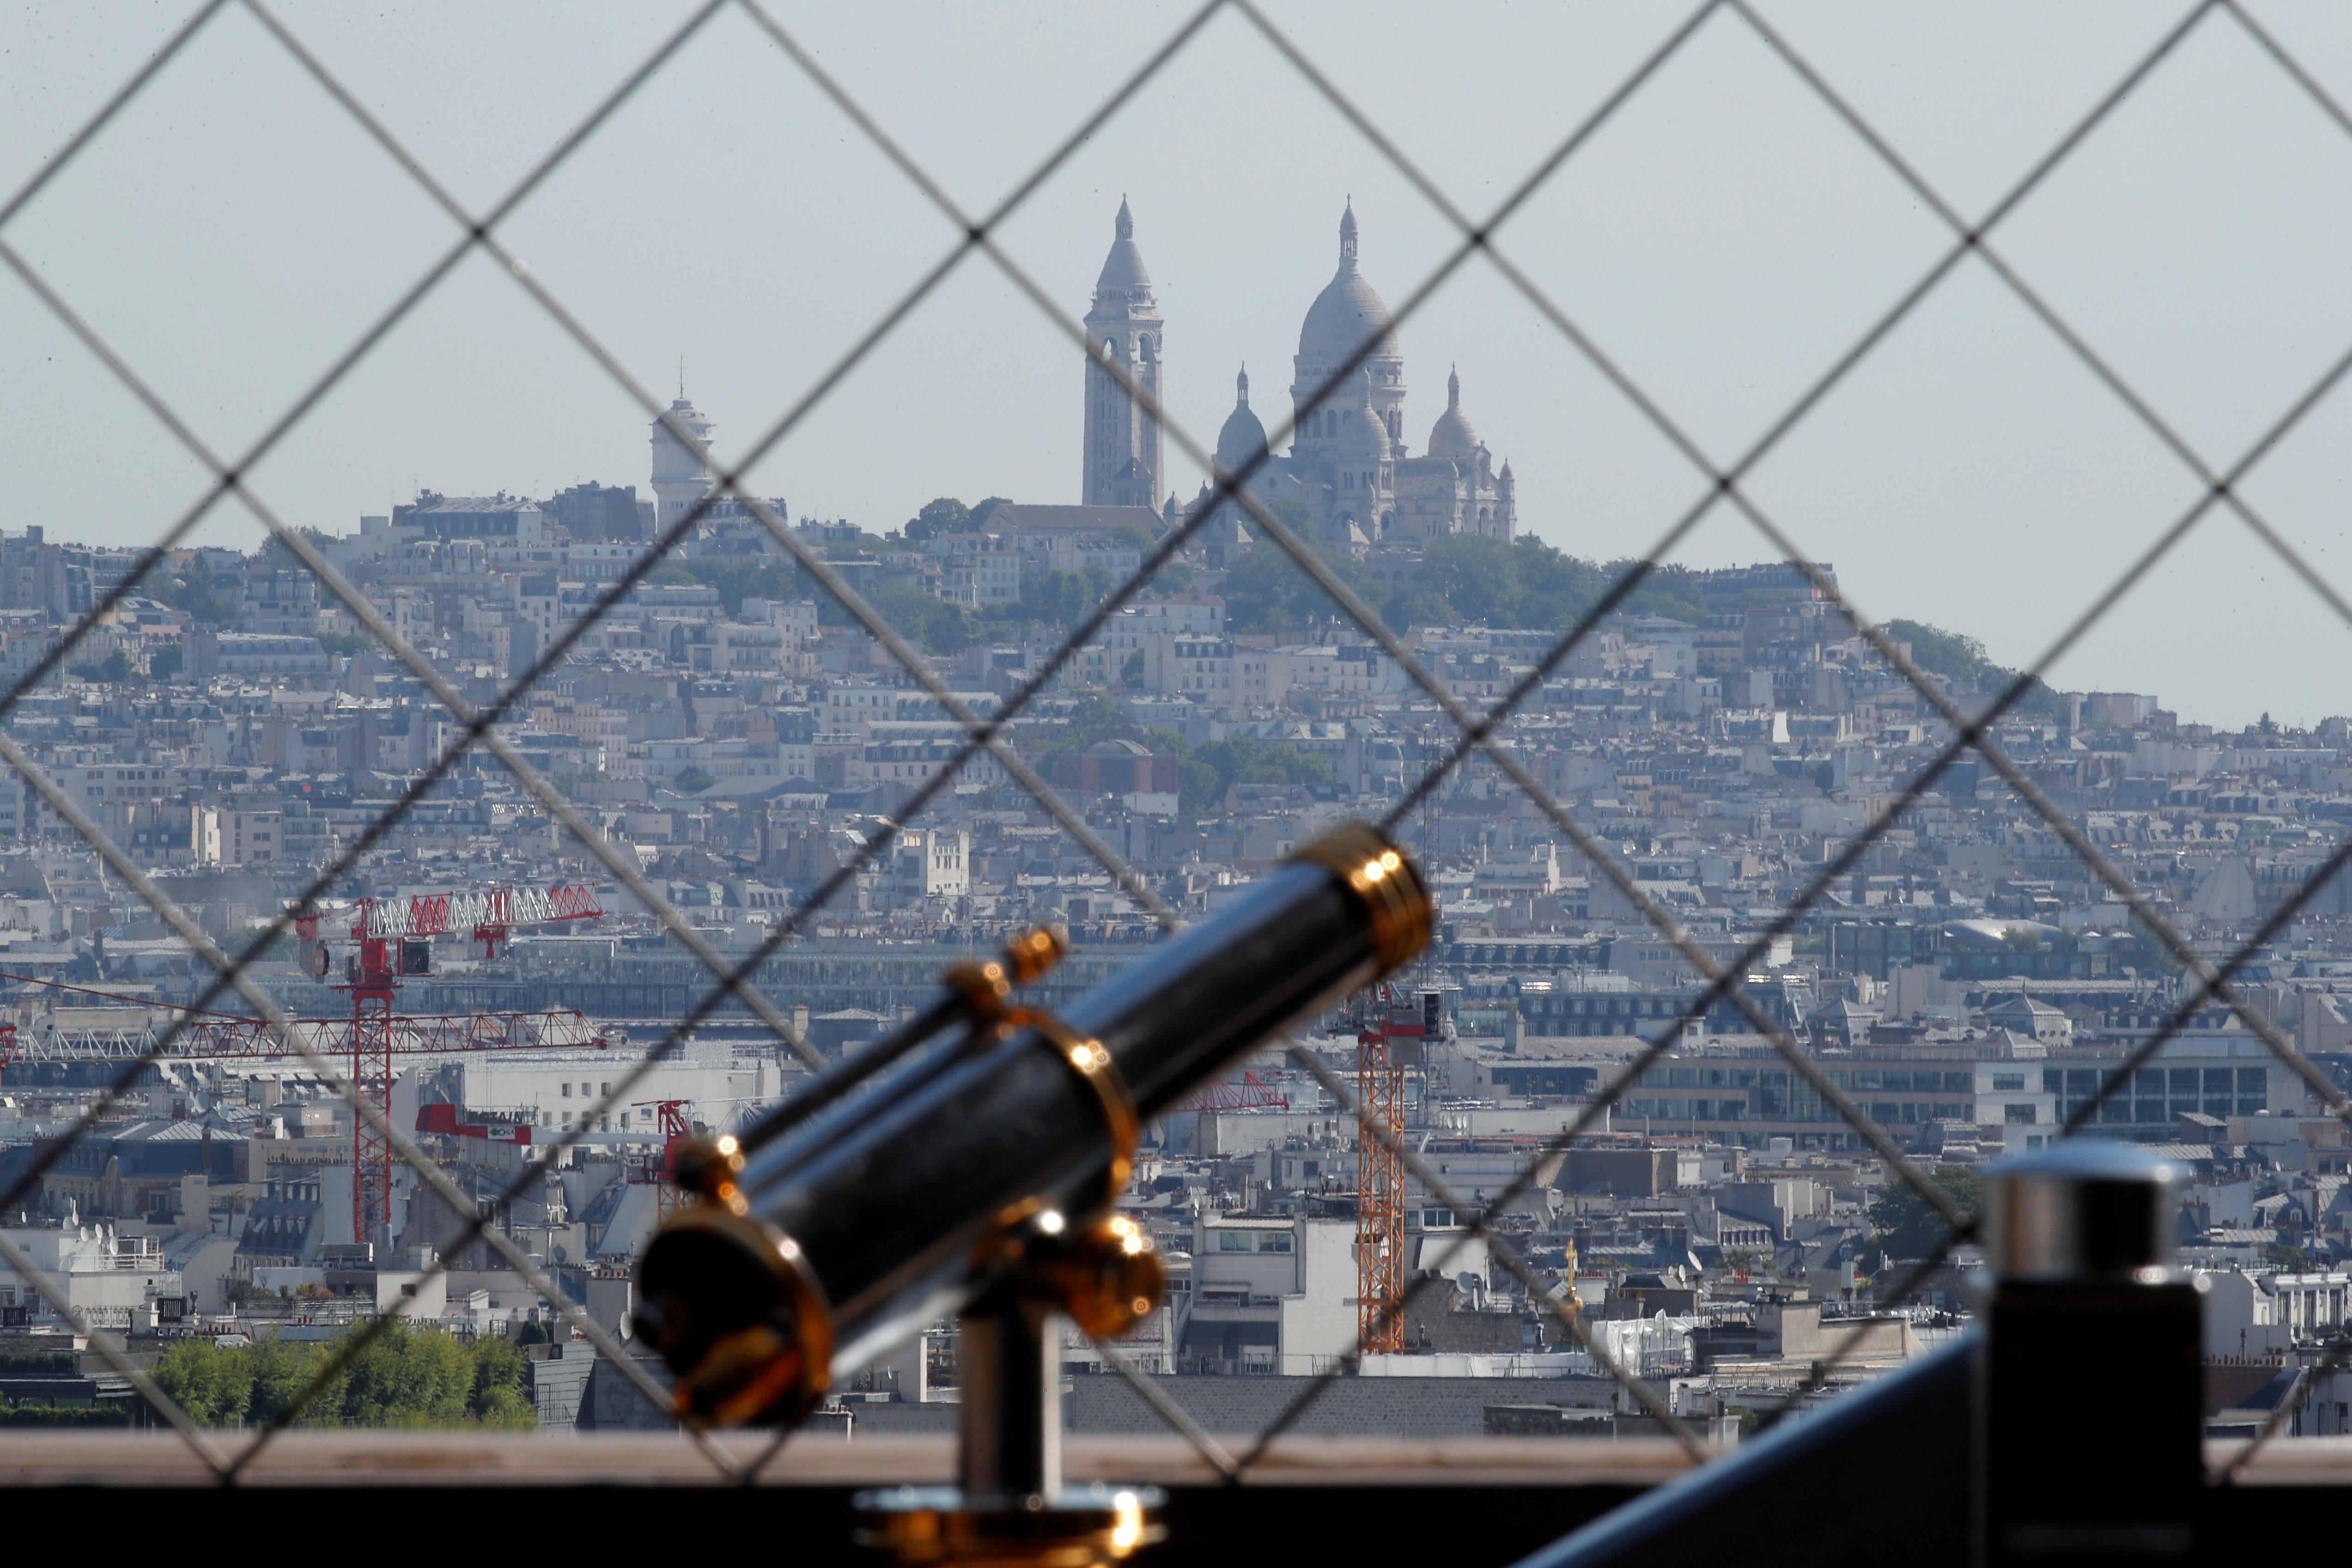 Un telescopio en la Torre Eiffel. En el fondo, la basílica de Sacre-Coeur en Montmartre (REUTERS/Charles Platiau)